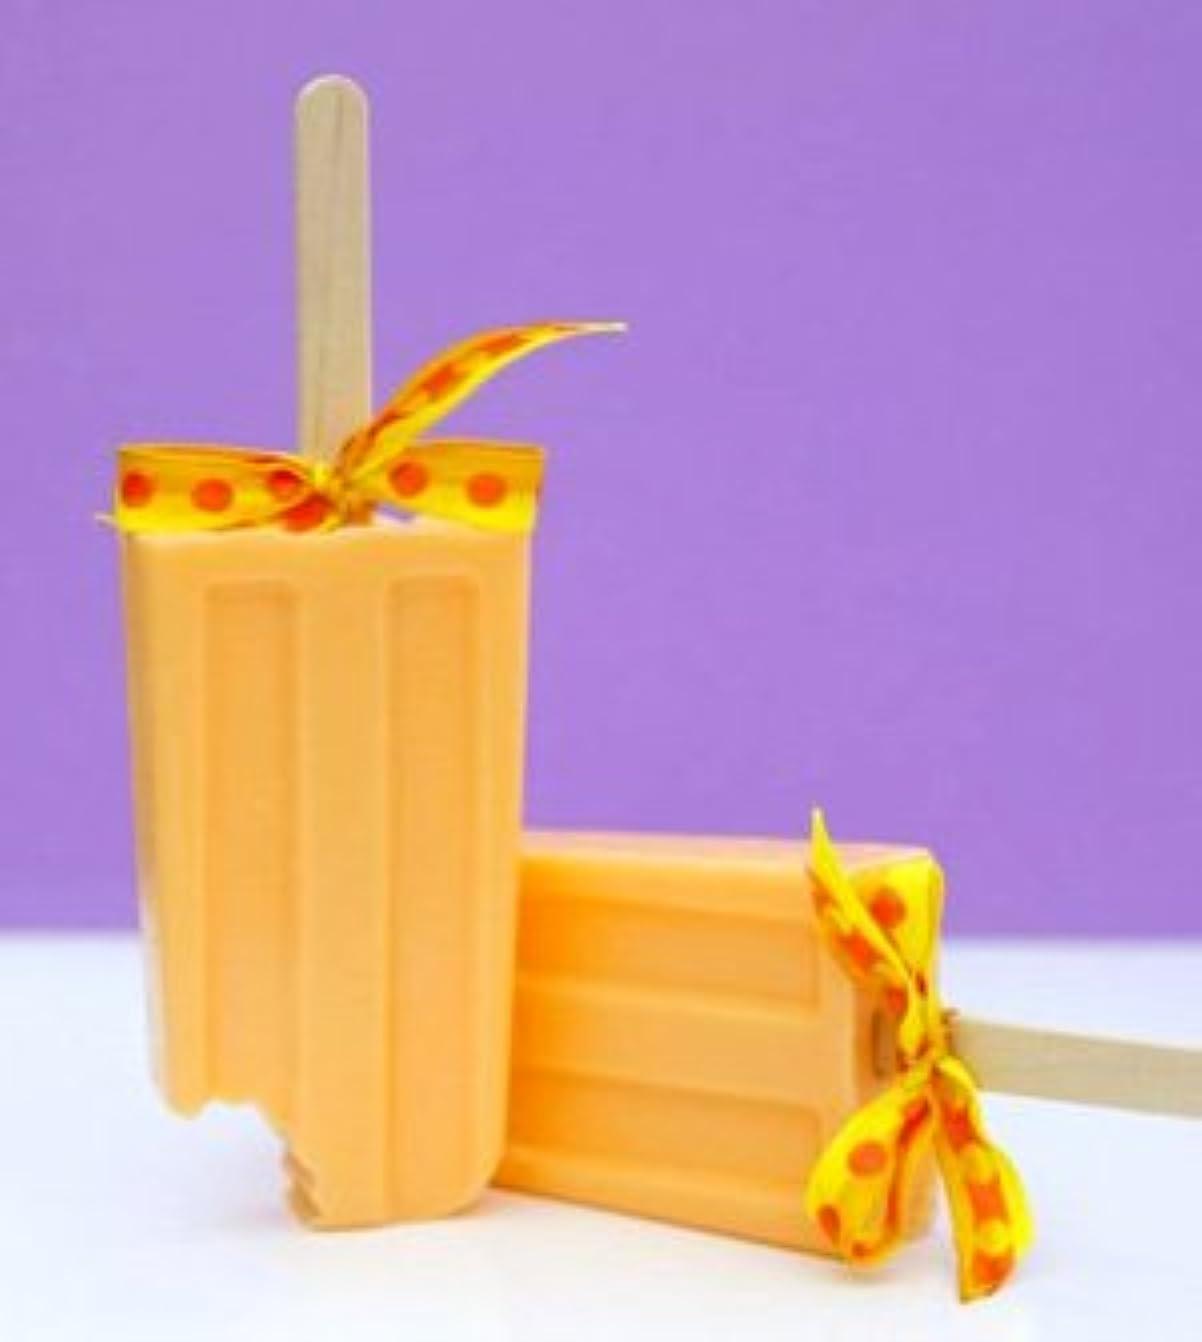 祖先暖炉ブルゴーニュsoapy love(ソーピーラブ) Orange オレンジ セッケン ソープ ギフト プレゼント 石鹸 H14×W5×D2cm  (orange)